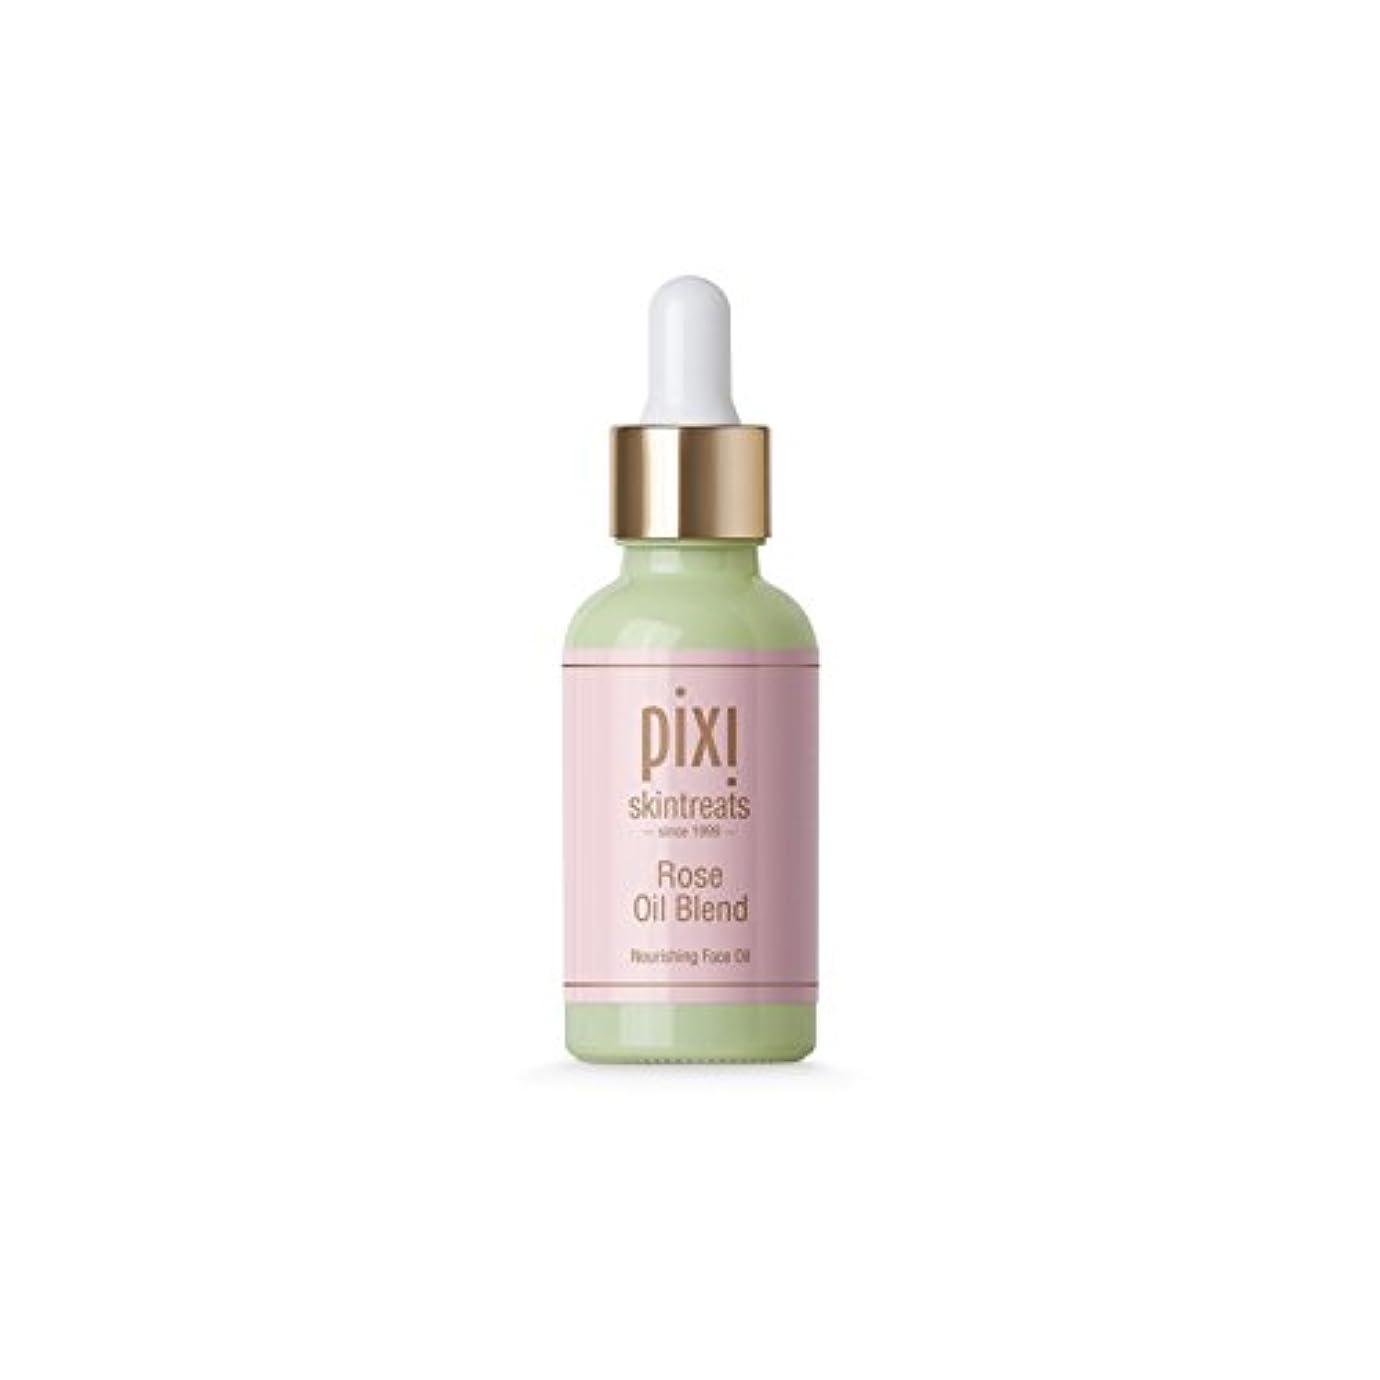 財政緊張するクラフトは、油ブレンドをバラ x2 - Pixi Rose Oil Blend (Pack of 2) [並行輸入品]